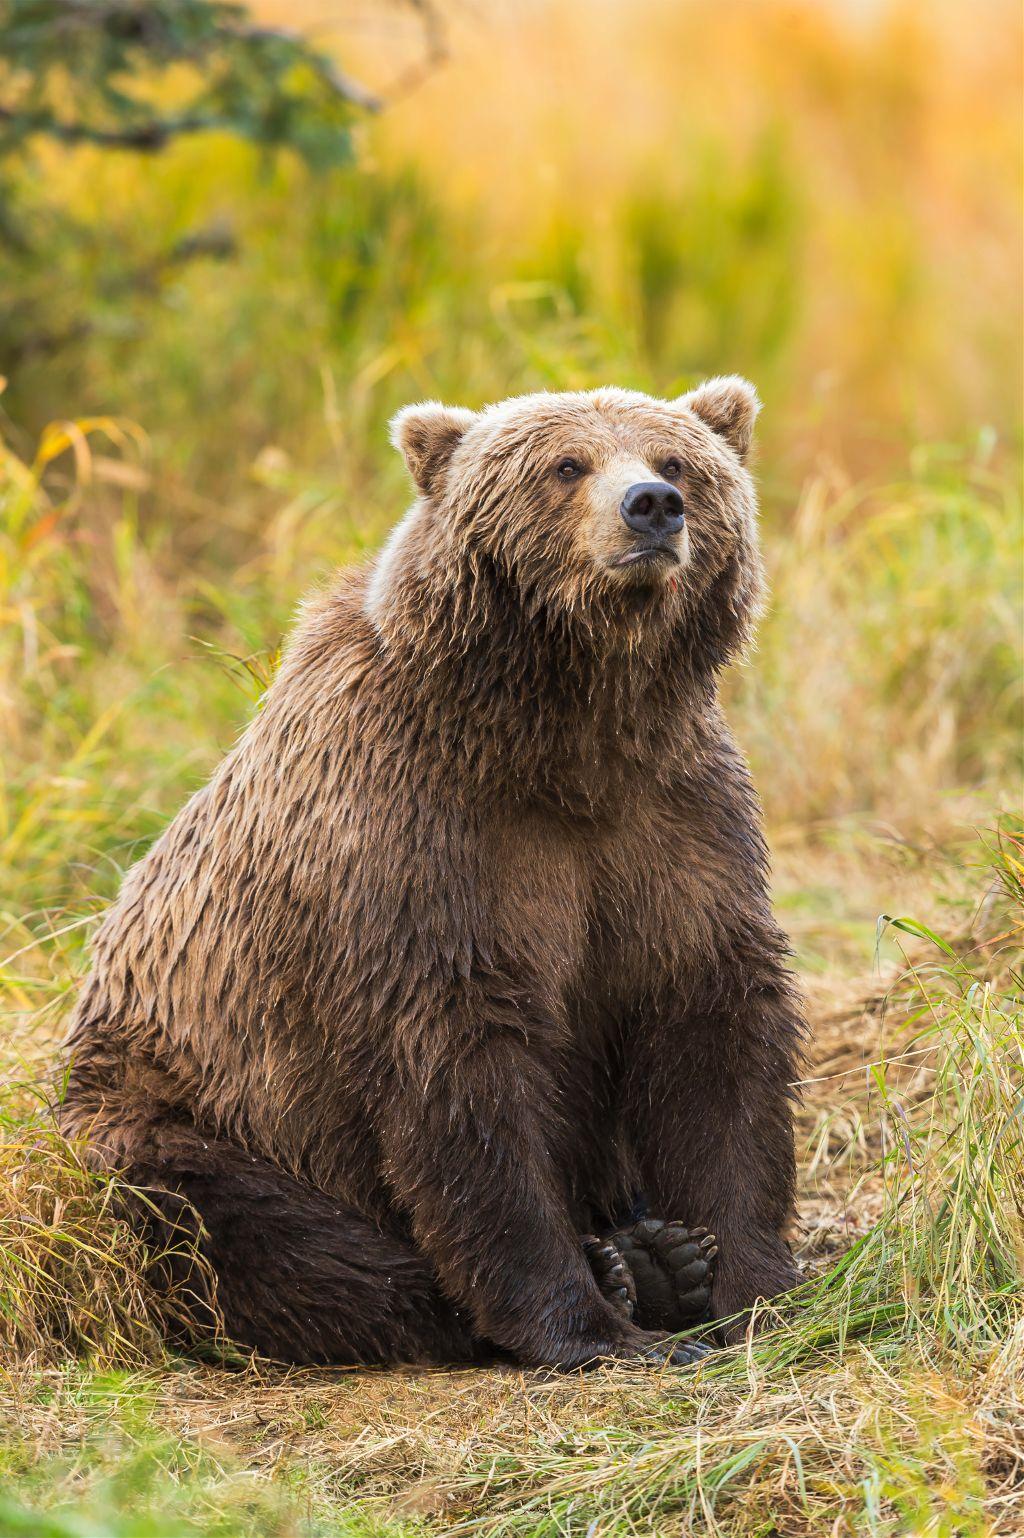 Los músculos de las patas traseras son lo suficientemente fuertes como para que el oso pueda apoyarse únicamente sobre ellas, y hasta le permiten caminar cortas distancias en forma bípeda. Puede alcanzar los 55 kilómetros por hora al correr.  Grizzly bear  Oso grizzly  (Ursus arctos horribilis)       #bear #alaska #wild #nature #wildlife #lemur #animal #wild #wildlife #africa #animal #nature #macro_drama #macro_delight #macro_vision #macro_freaks #macro_captures #reptilesofinstagram #chameleonsofinstagram #natgeoyourshot #natgeo #macro_secrets #macroclique #macro_kings #macro_champ #macromania #nature_lovers #nature_good #animal #wildlife_captures #bestnatureshots #allnatural #nature #photography #lizard #nature #animal #colorful #frog #gecko